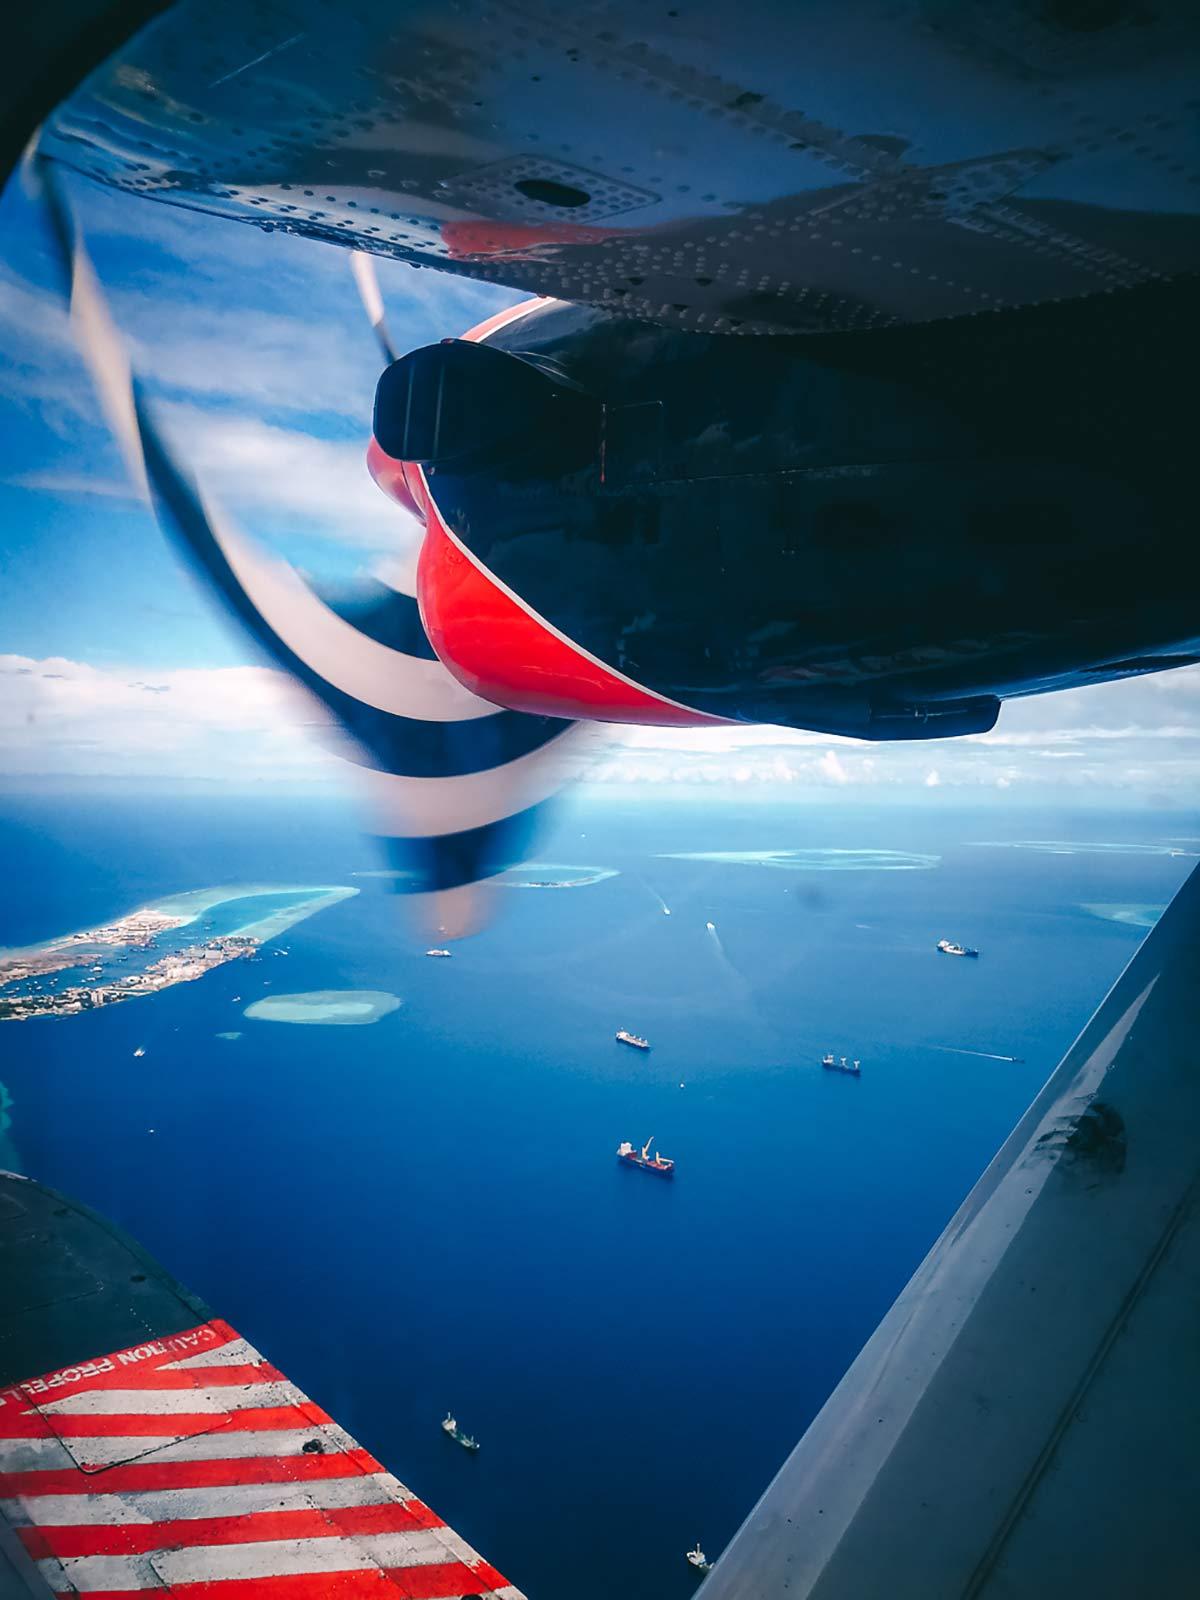 Waserflugzeug Malediven